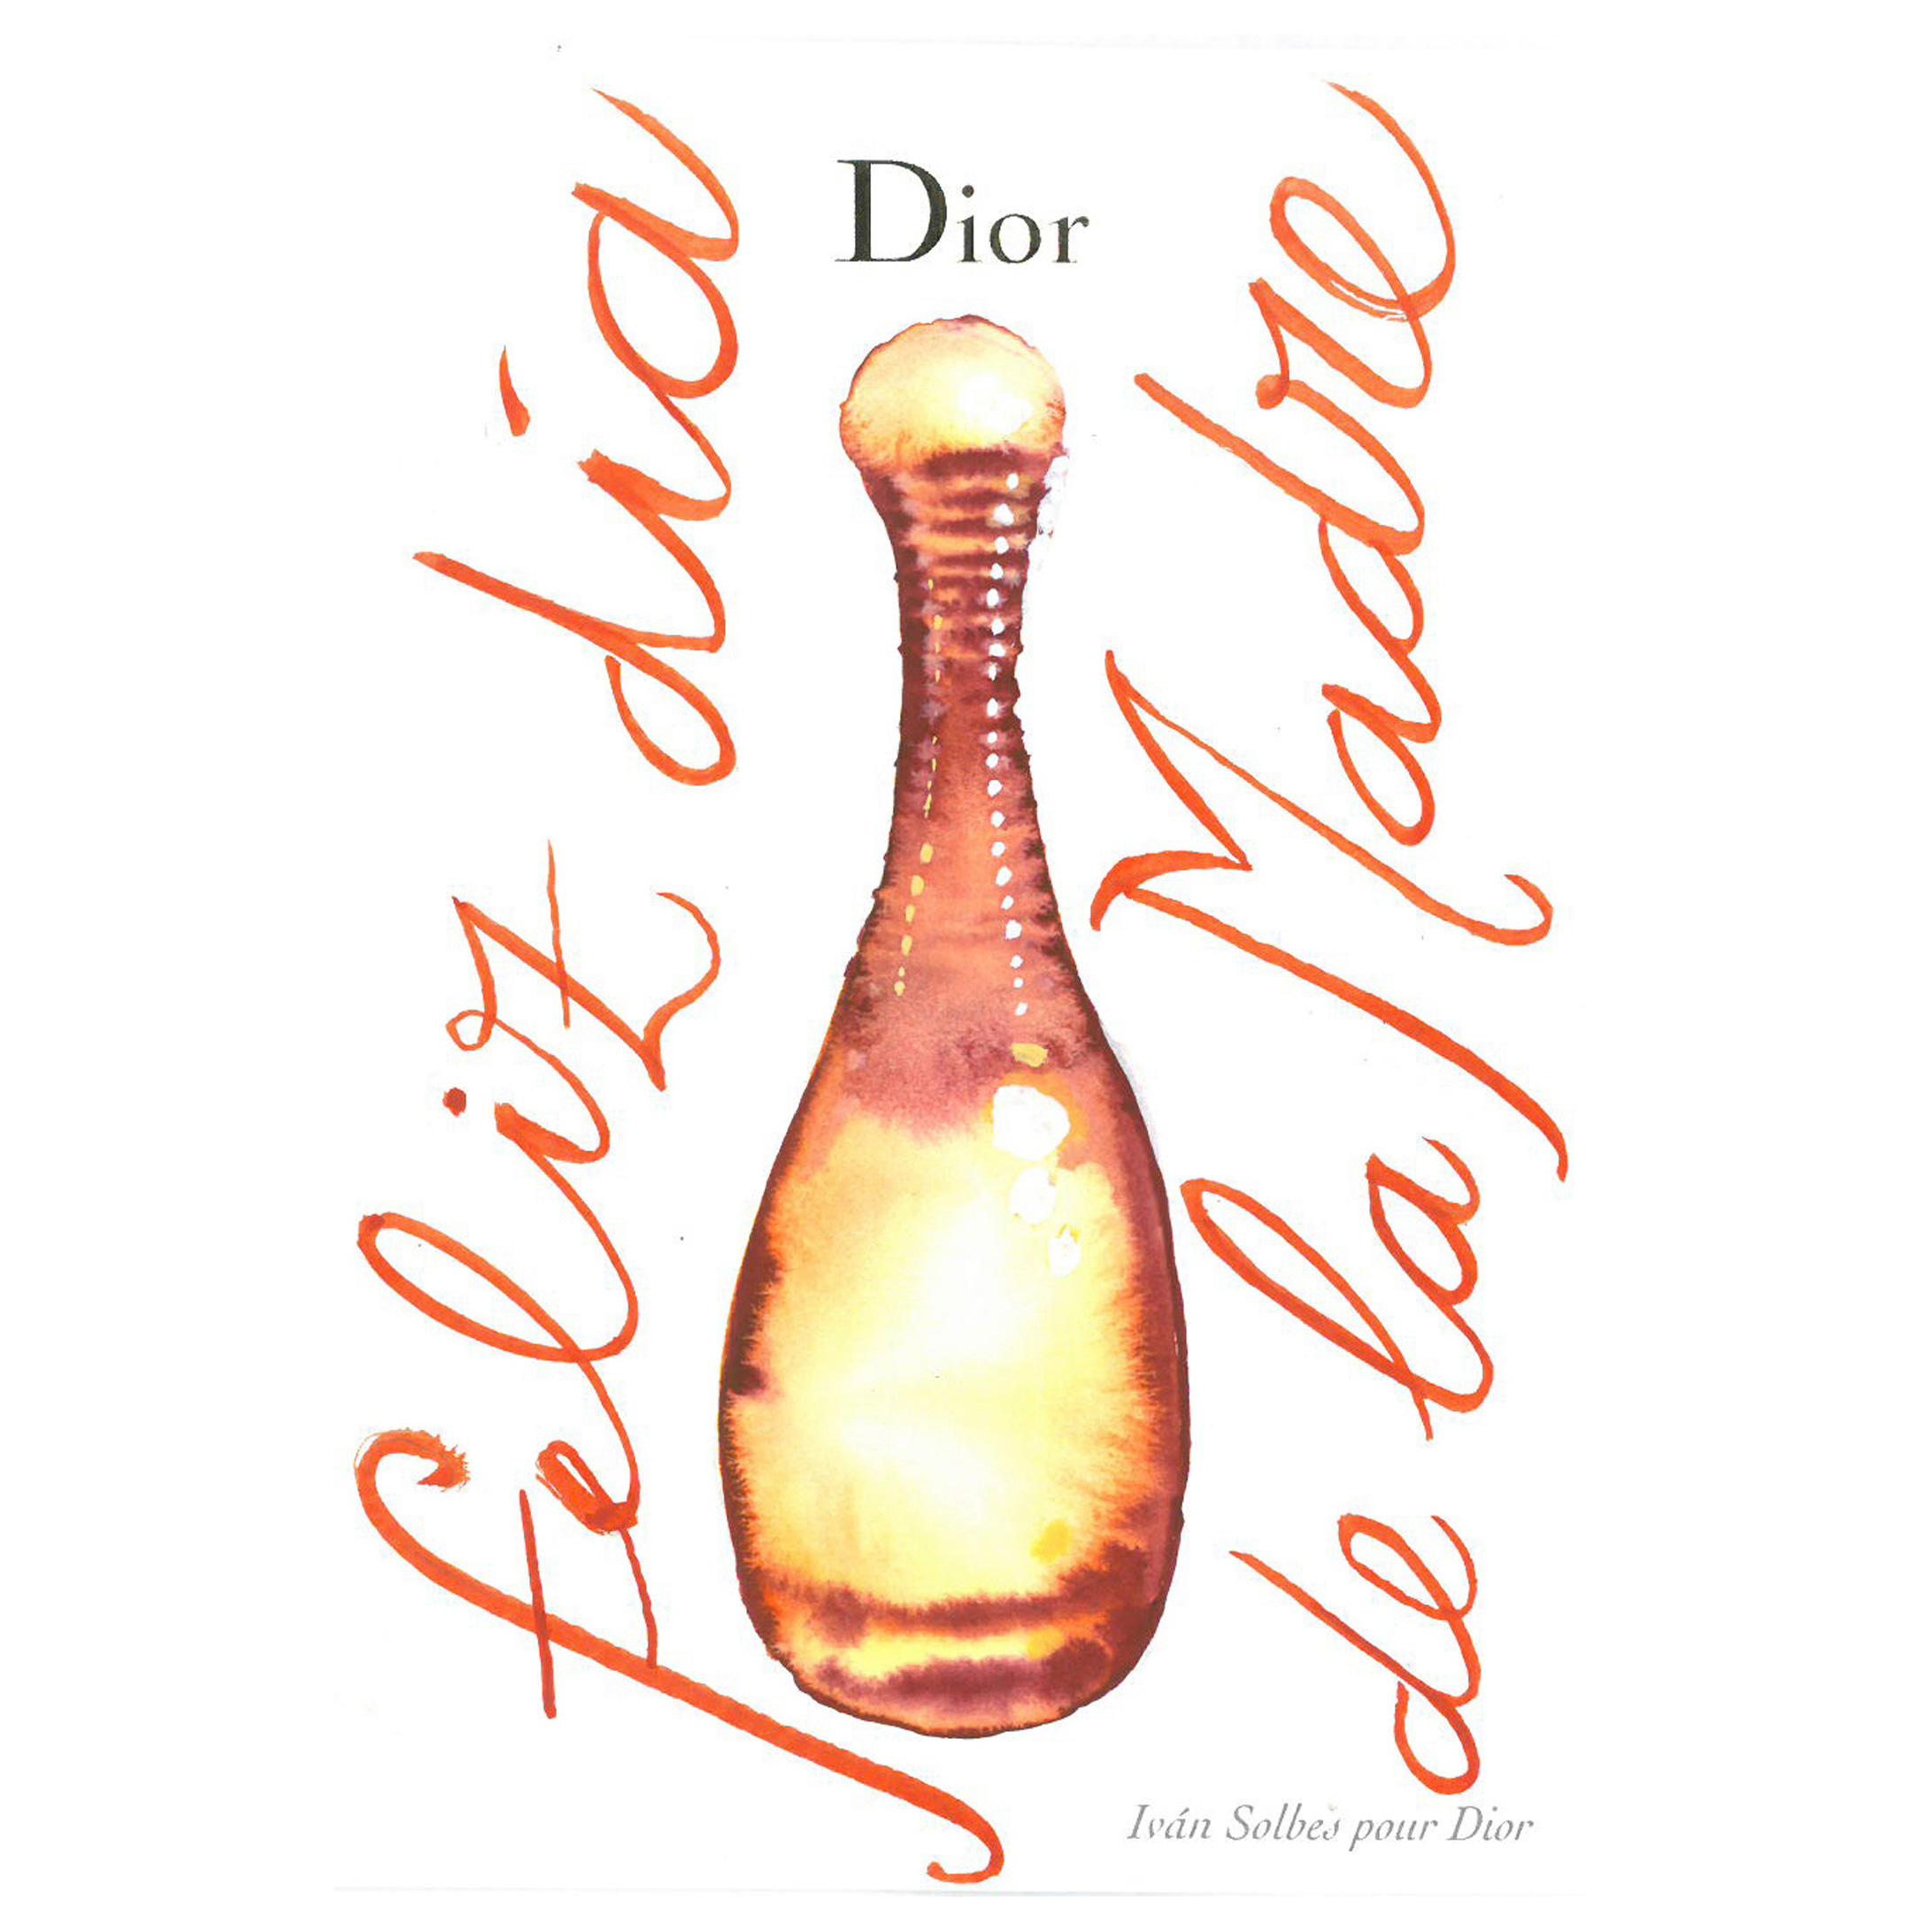 J'Adore, de Dior